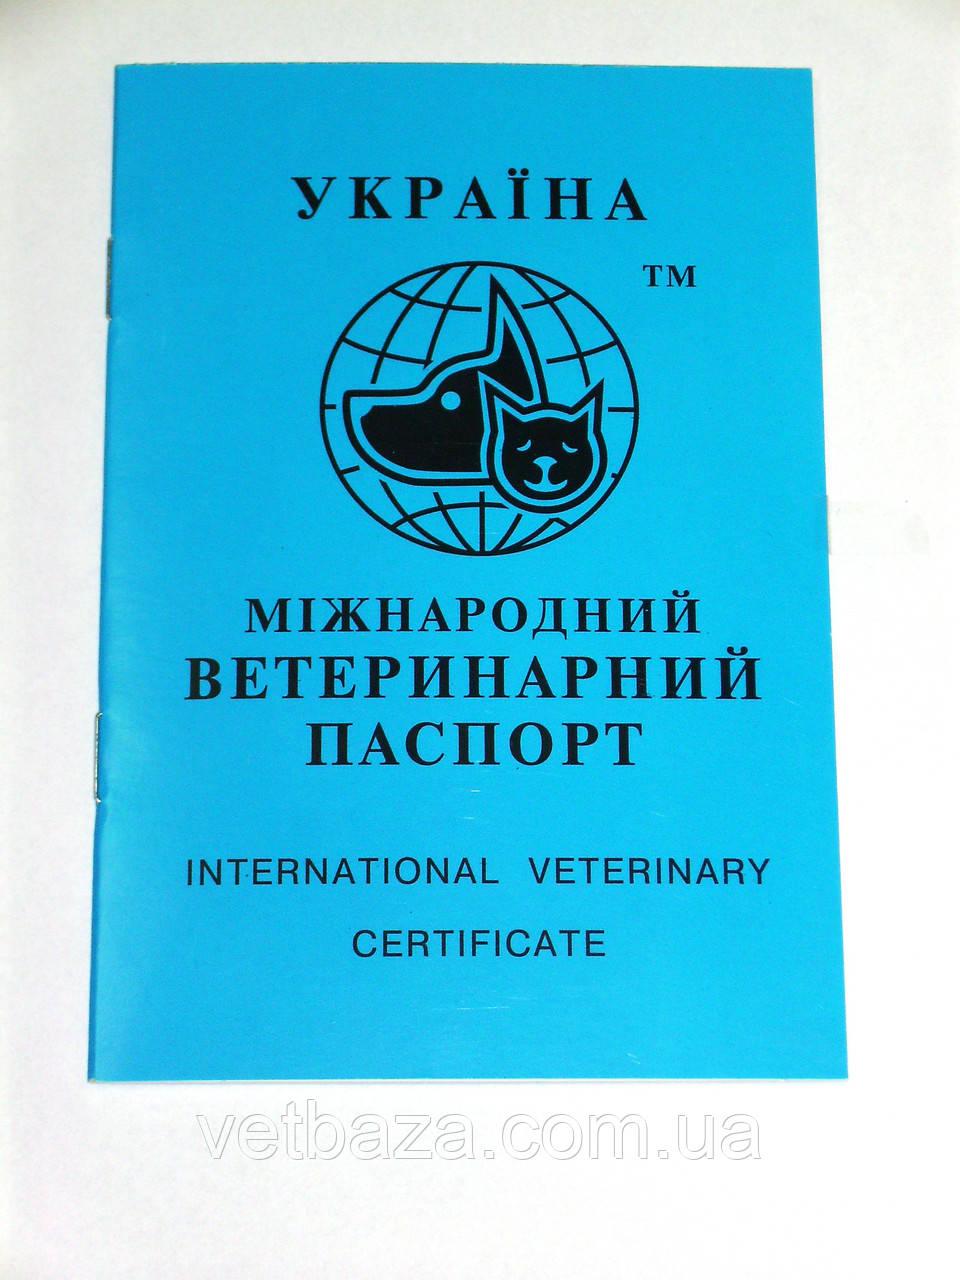 Ветеринарный паспорт для собак и кошек (5 грн), фото 1